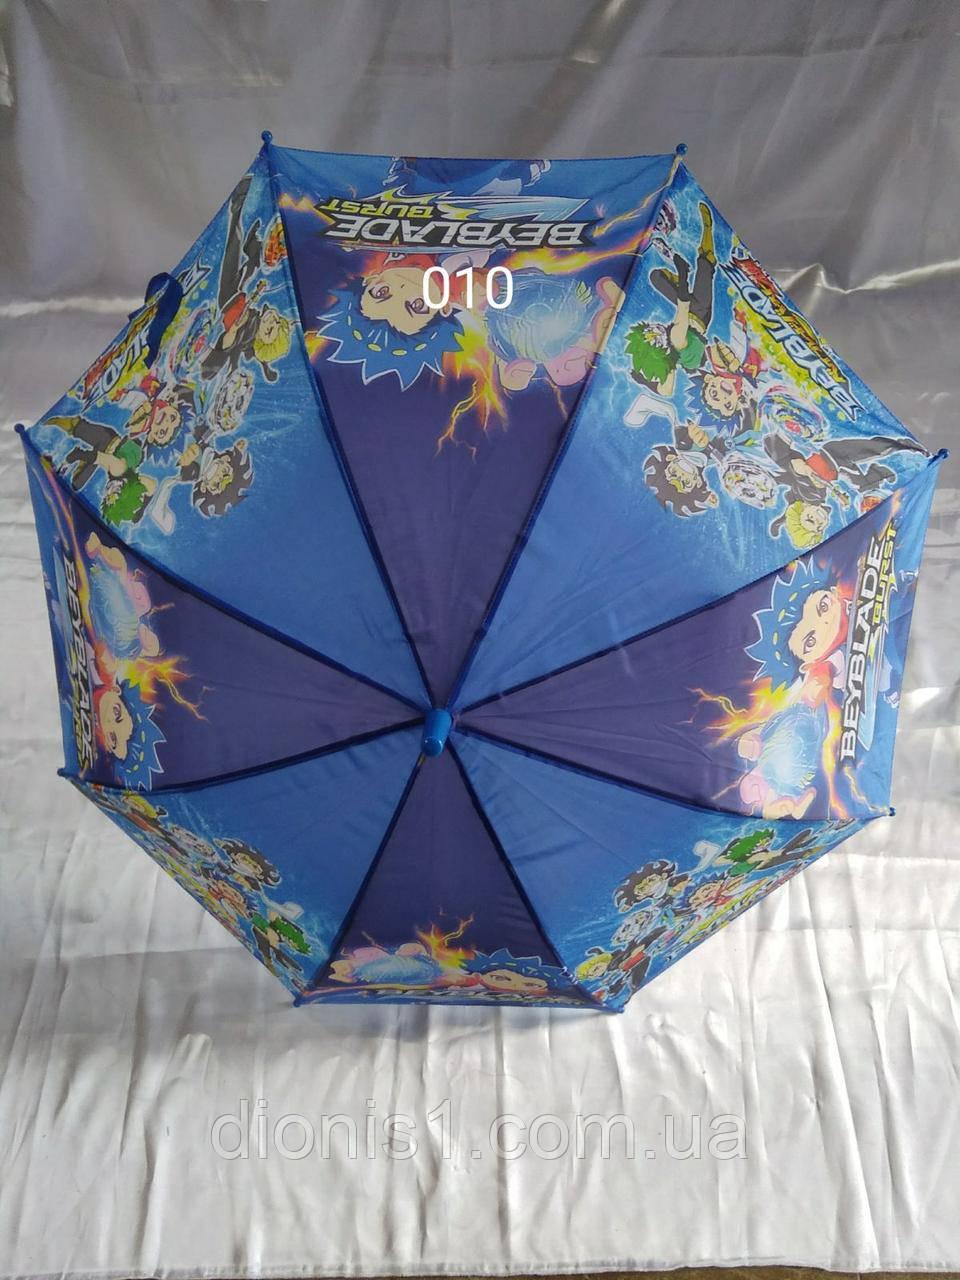 Детский зонтик Мальчик, девочка